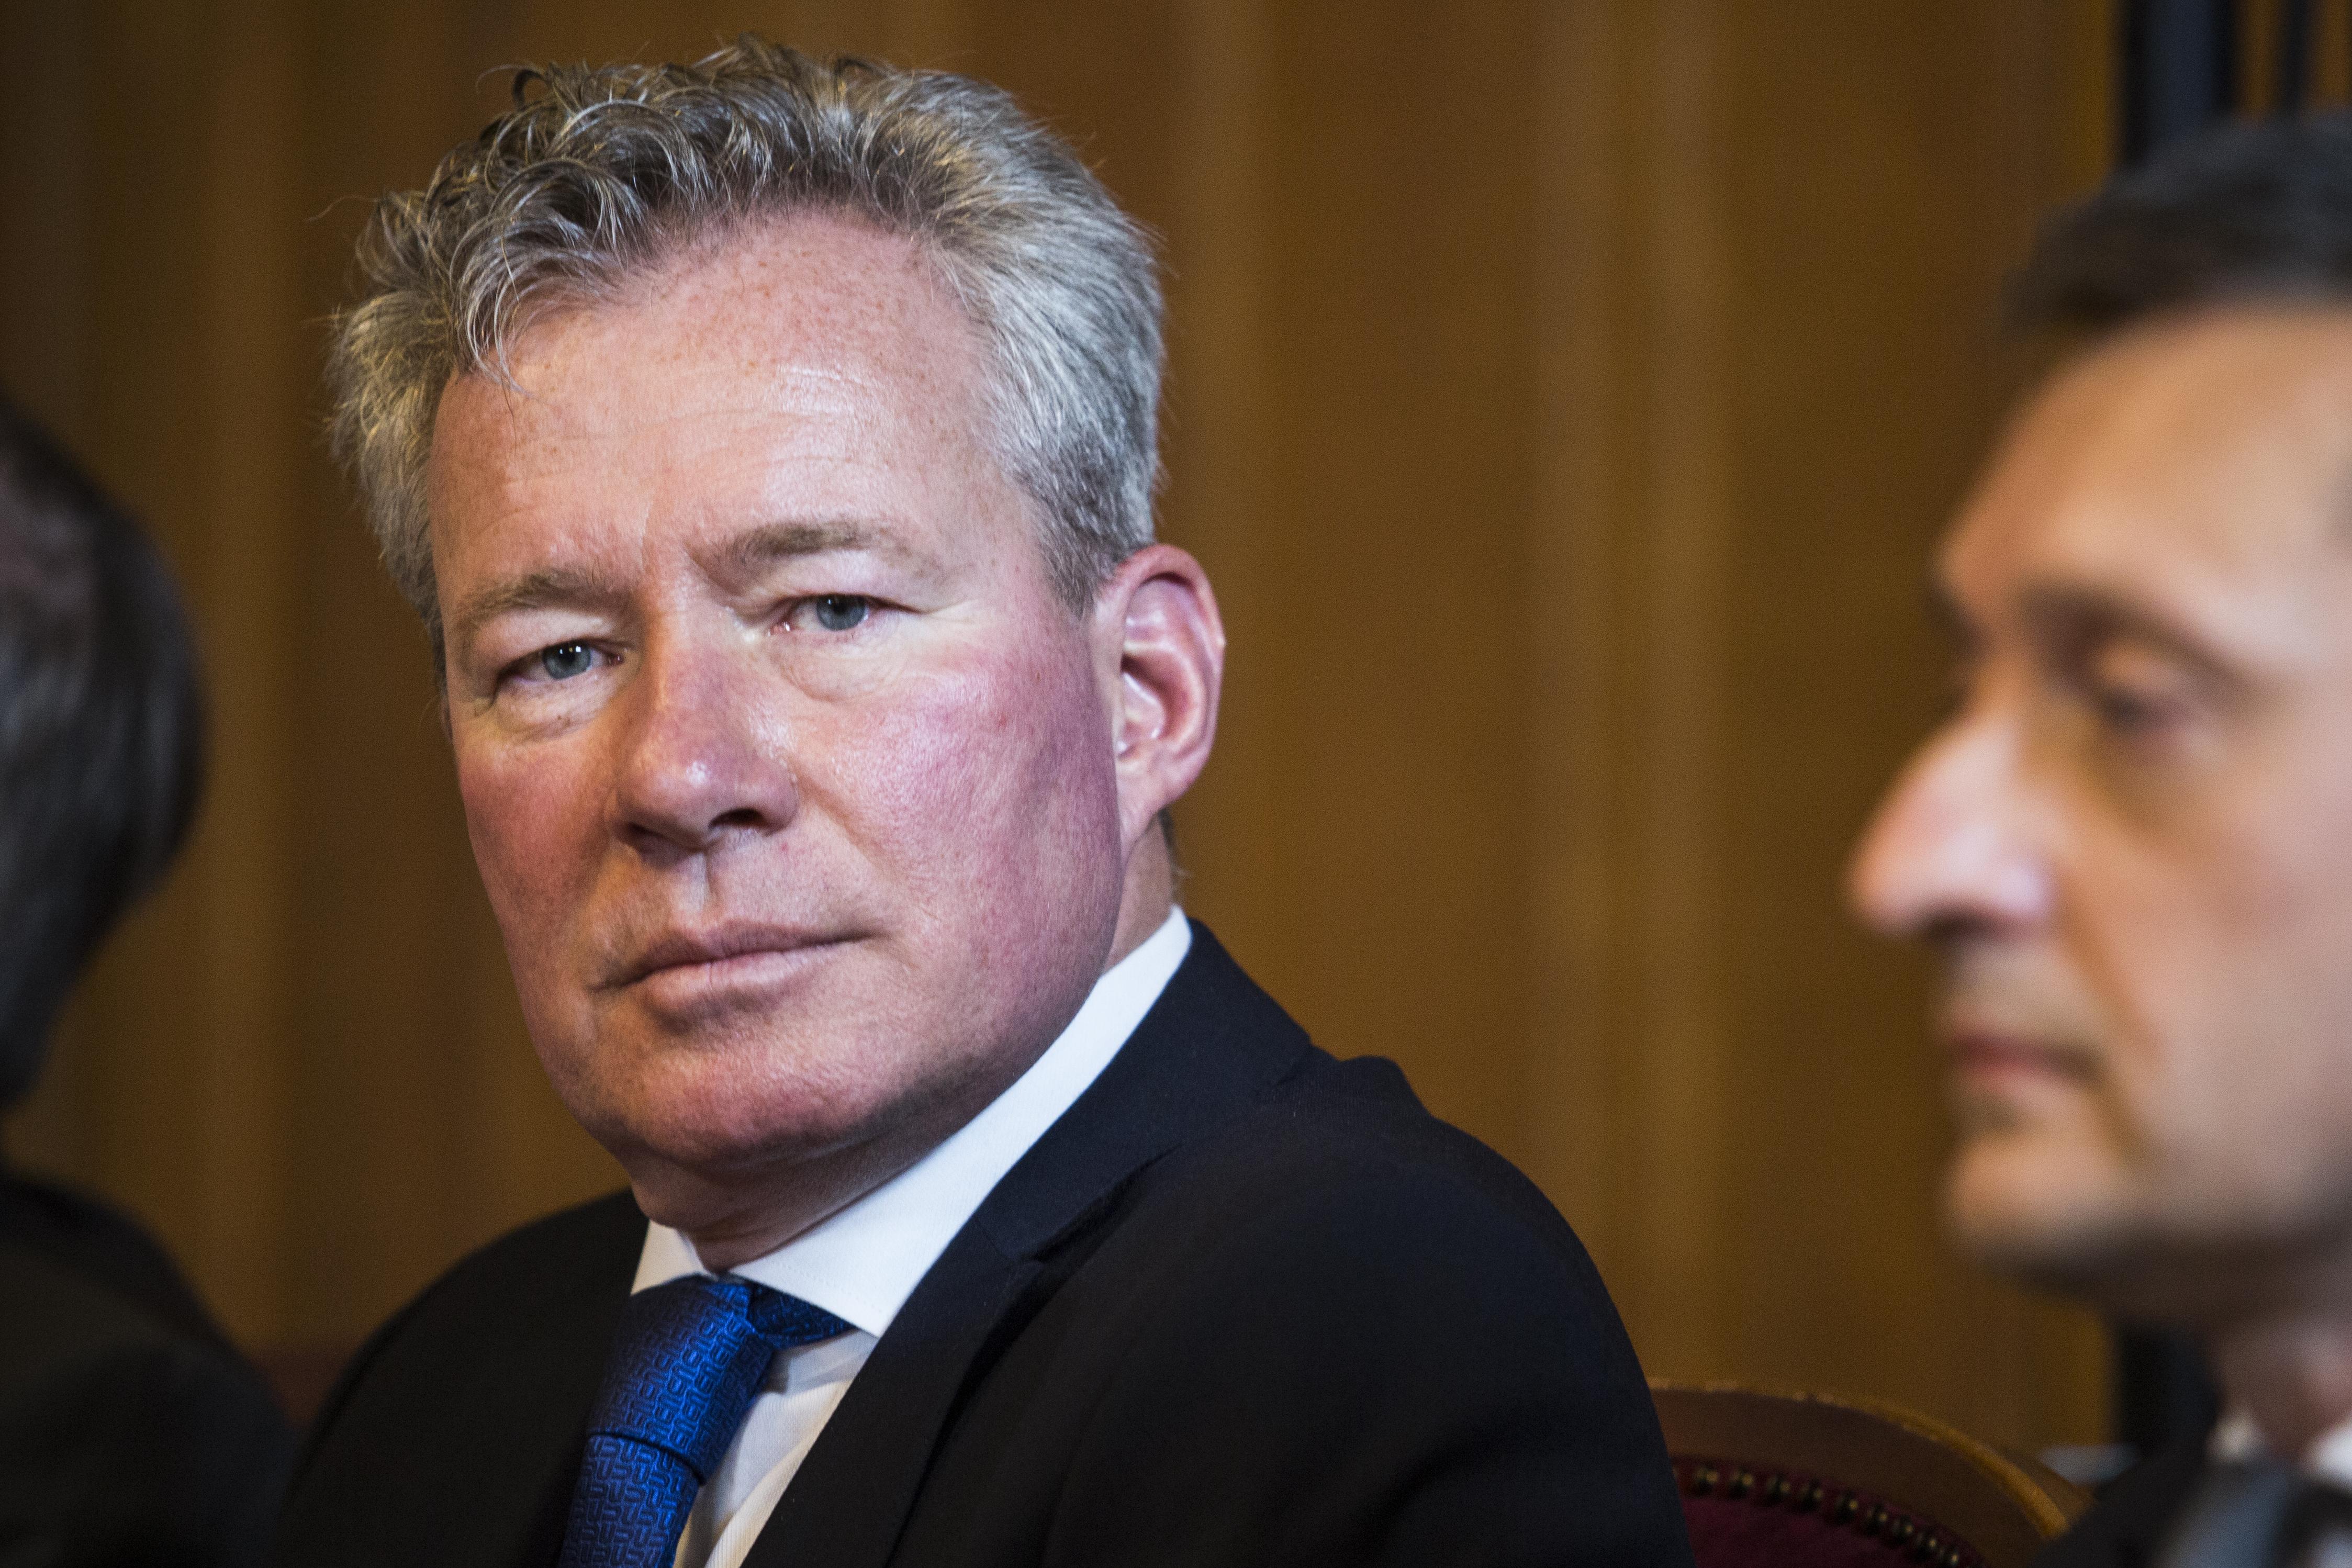 Visszahívják Pálffy Istvánt a dublini nagykövetség éléről